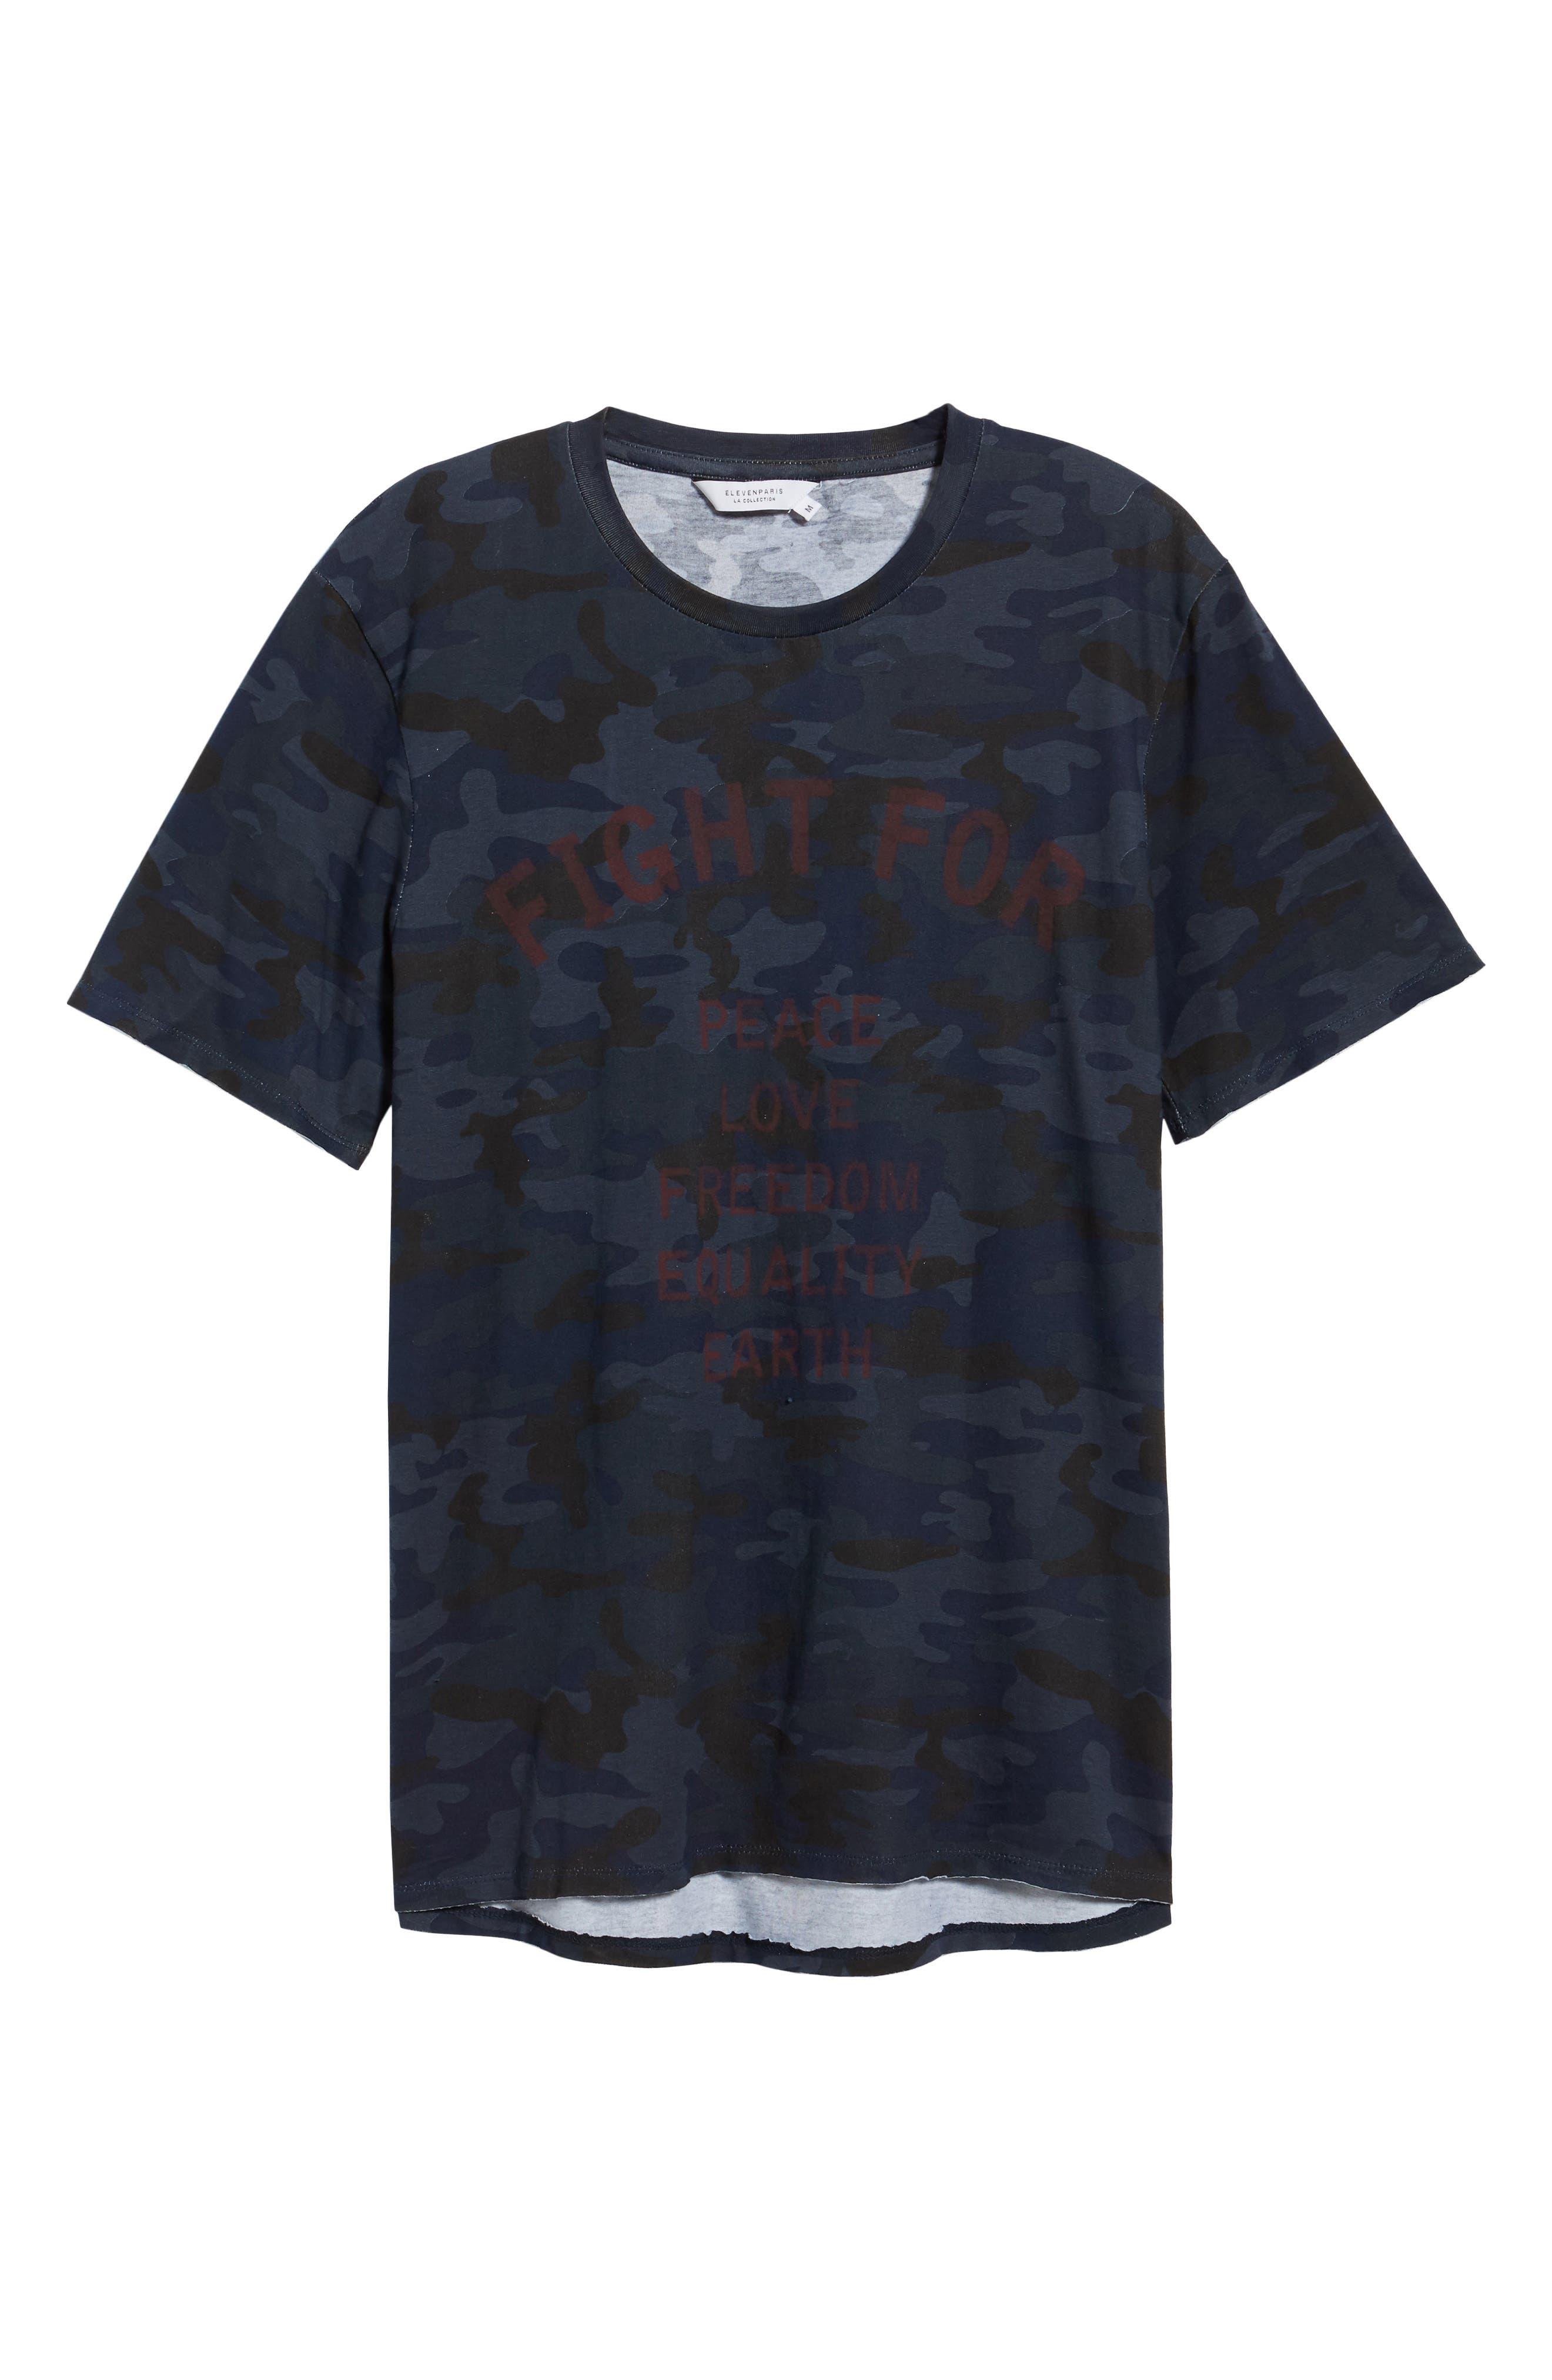 Noght T-Shirt,                             Alternate thumbnail 11, color,